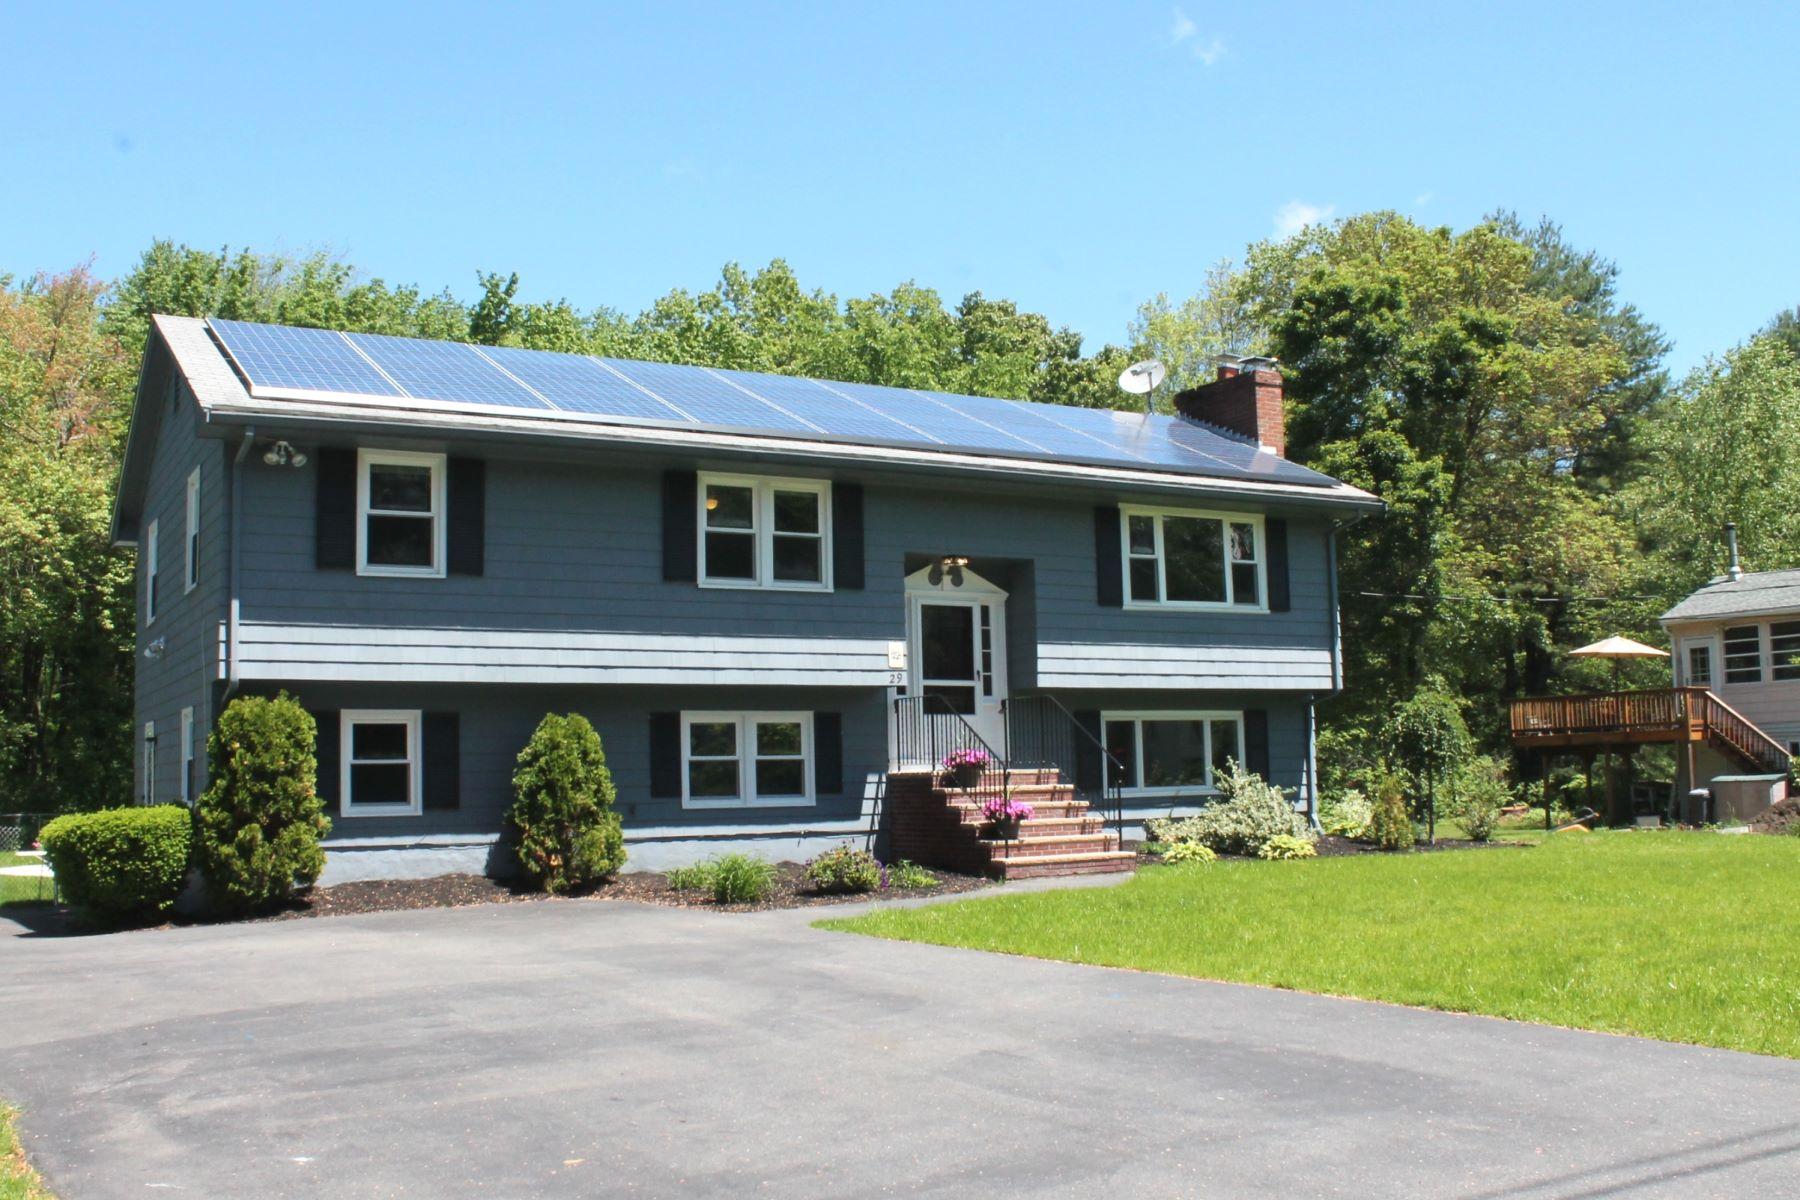 Maison unifamiliale pour l Vente à Room for Everyone 29 Washington Street Bedford, Massachusetts, 01730 États-Unis